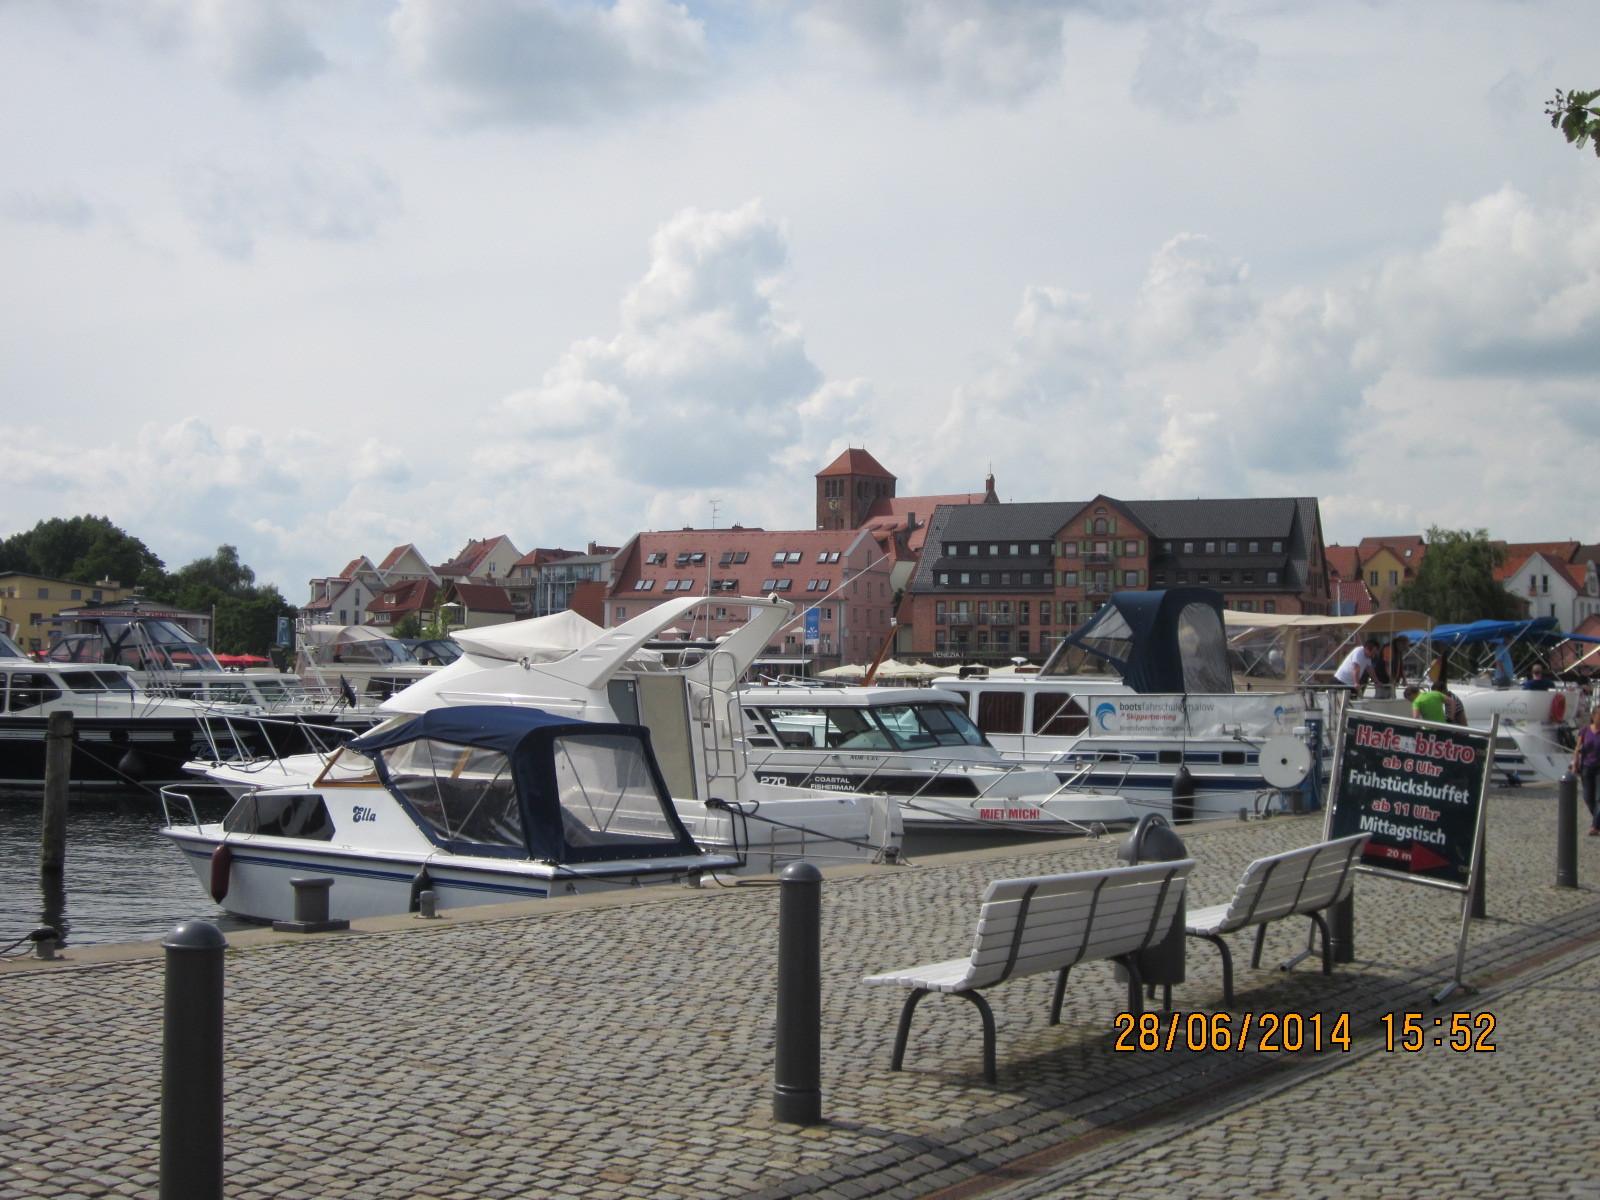 Hafen in Waren